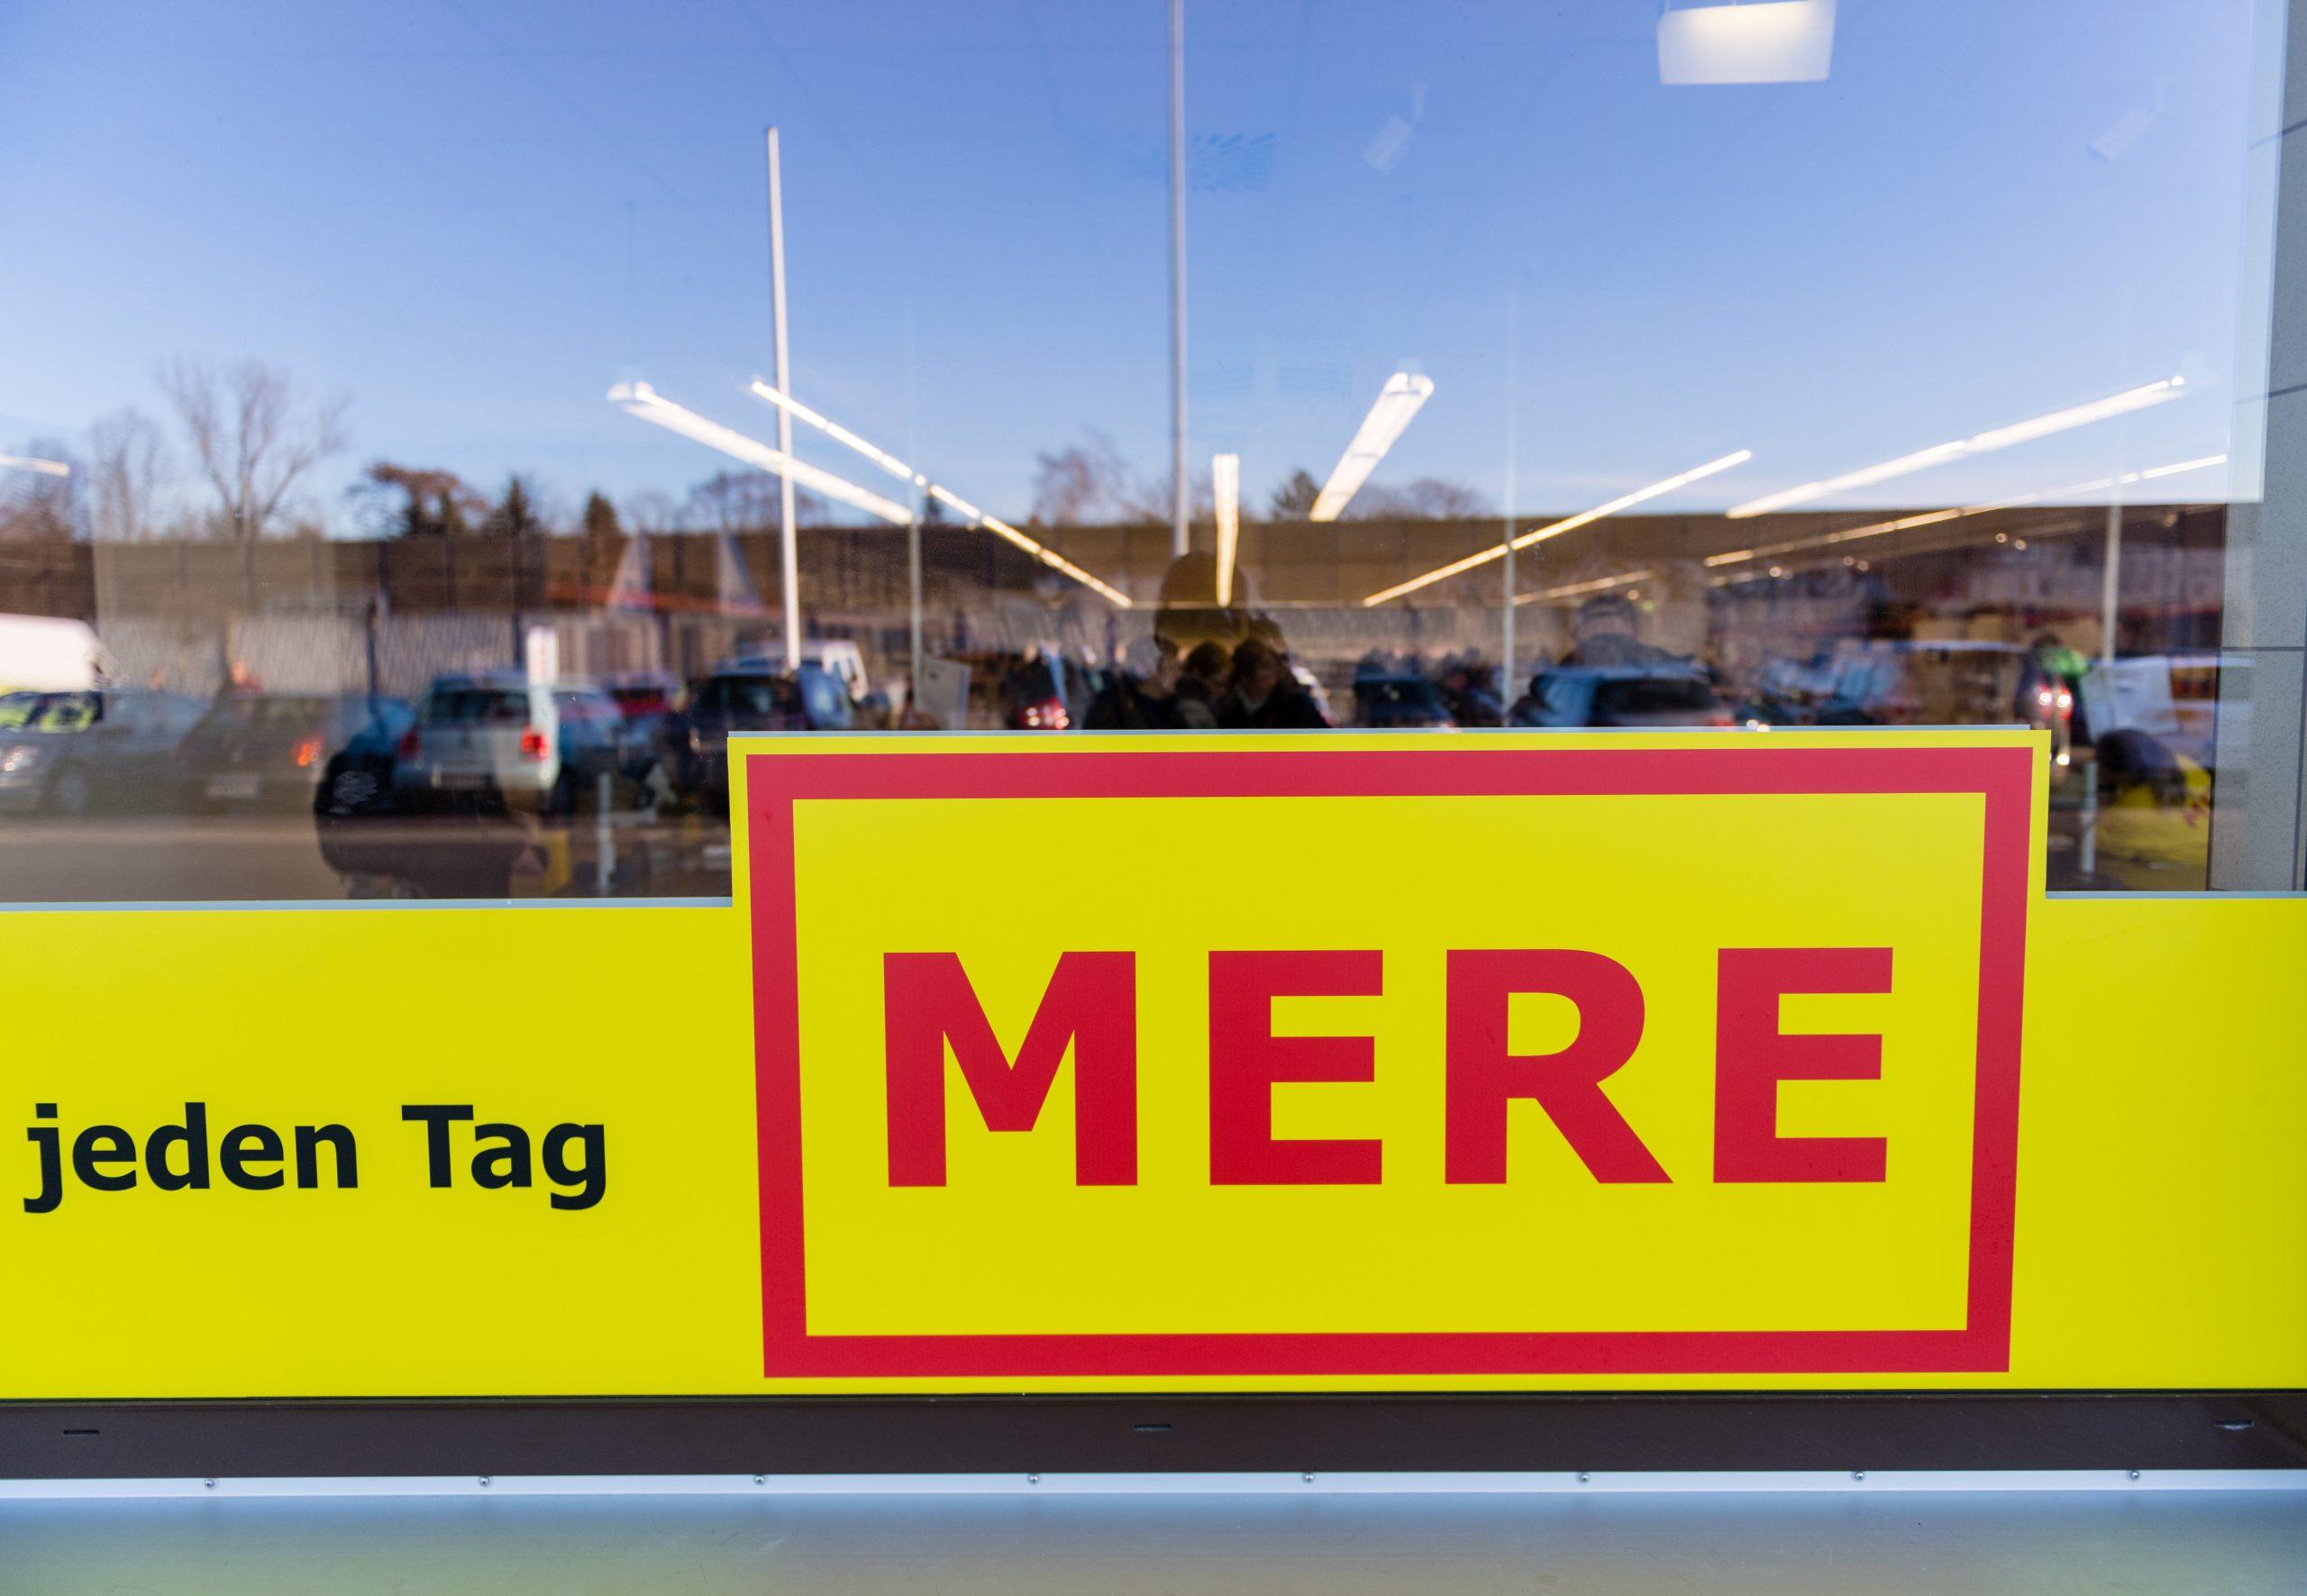 Le supermarché de Mere moins cher qu'Aldi et Lidl